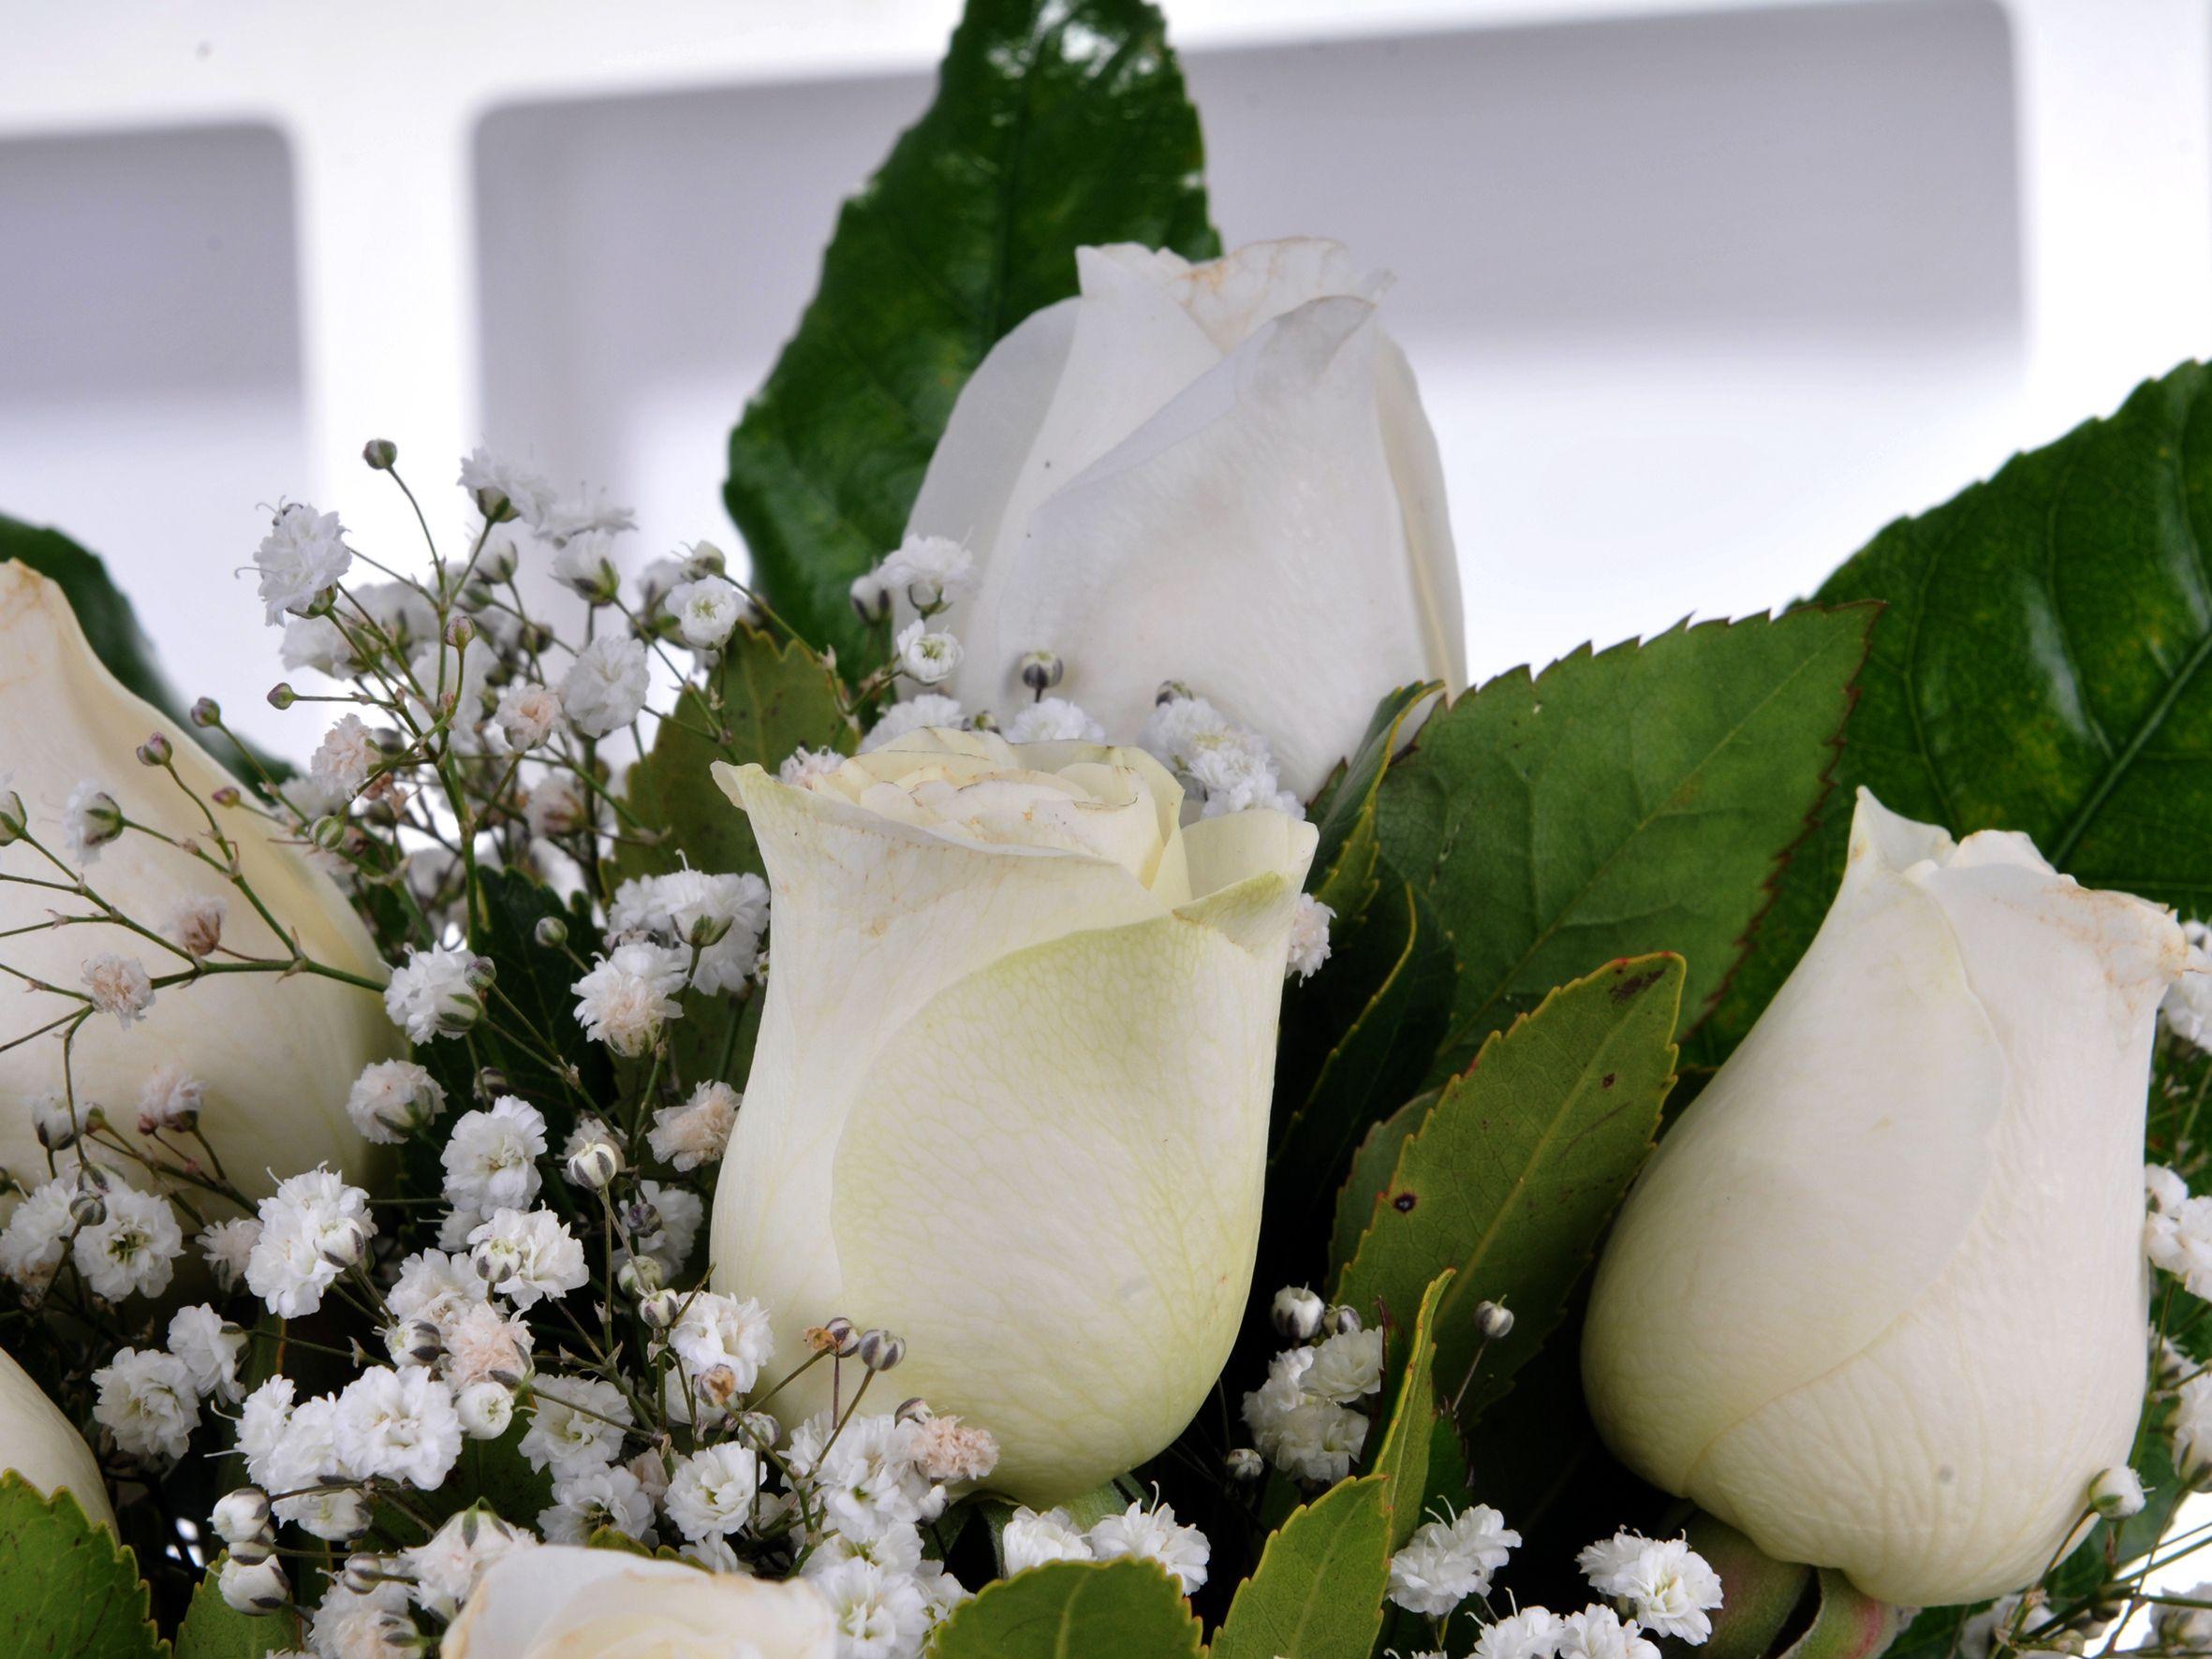 Sade ve Zarif 7 Beyaz Gül Arajmanı Aranjmanlar çiçek gönder